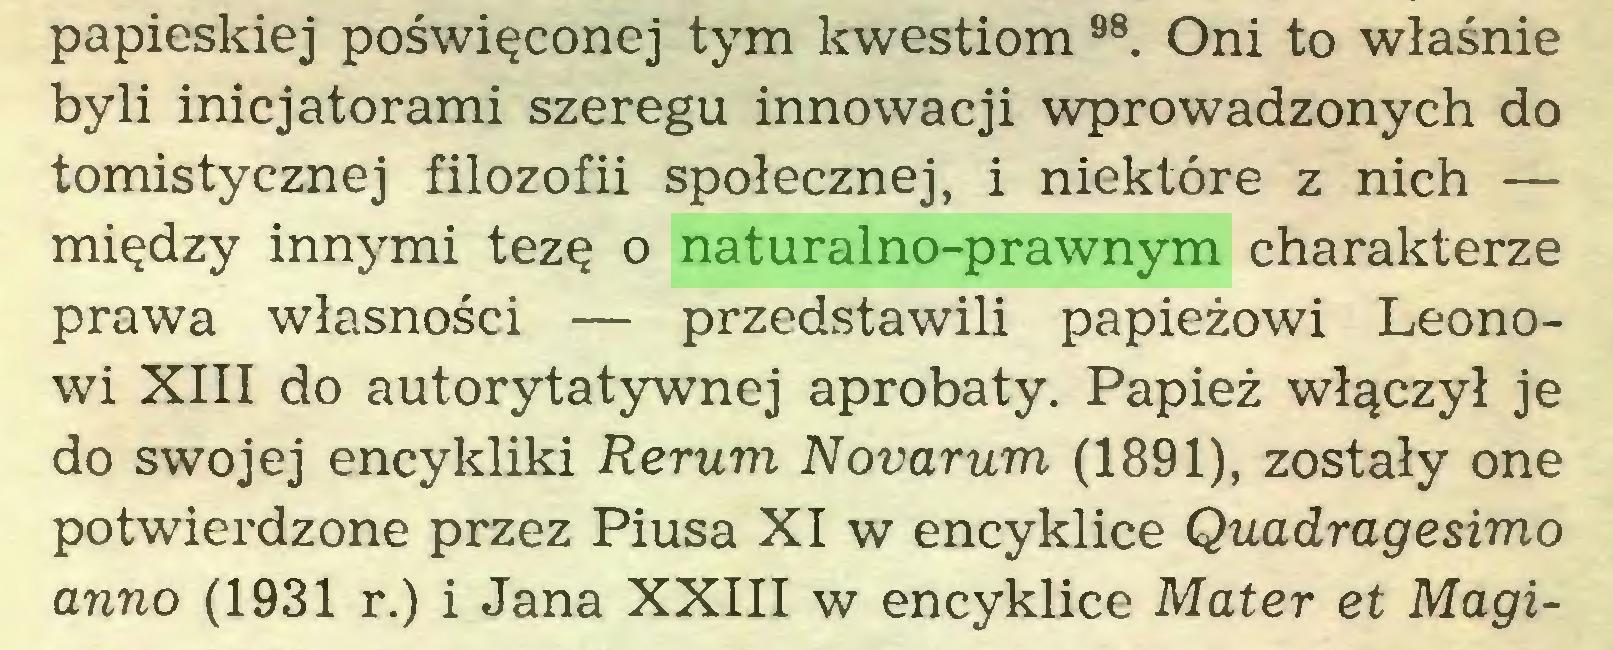 (...) papieskiej poświęconej tym kwestiom 98. Oni to właśnie byli inicjatorami szeregu innowacji wprowadzonych do tomistycznej filozofii społecznej, i niektóre z nich — między innymi tezę o naturalno-prawnym charakterze prawa własności — przedstawili papieżowi Leonowi XIII do autorytatywnej aprobaty. Papież włączył je do swojej encykliki Rerum Novarum (1891), zostały one potwierdzone przez Piusa XI w encyklice Quadragesimo anno (1931 r.) i Jana XXIII w encyklice Mater et Magi...